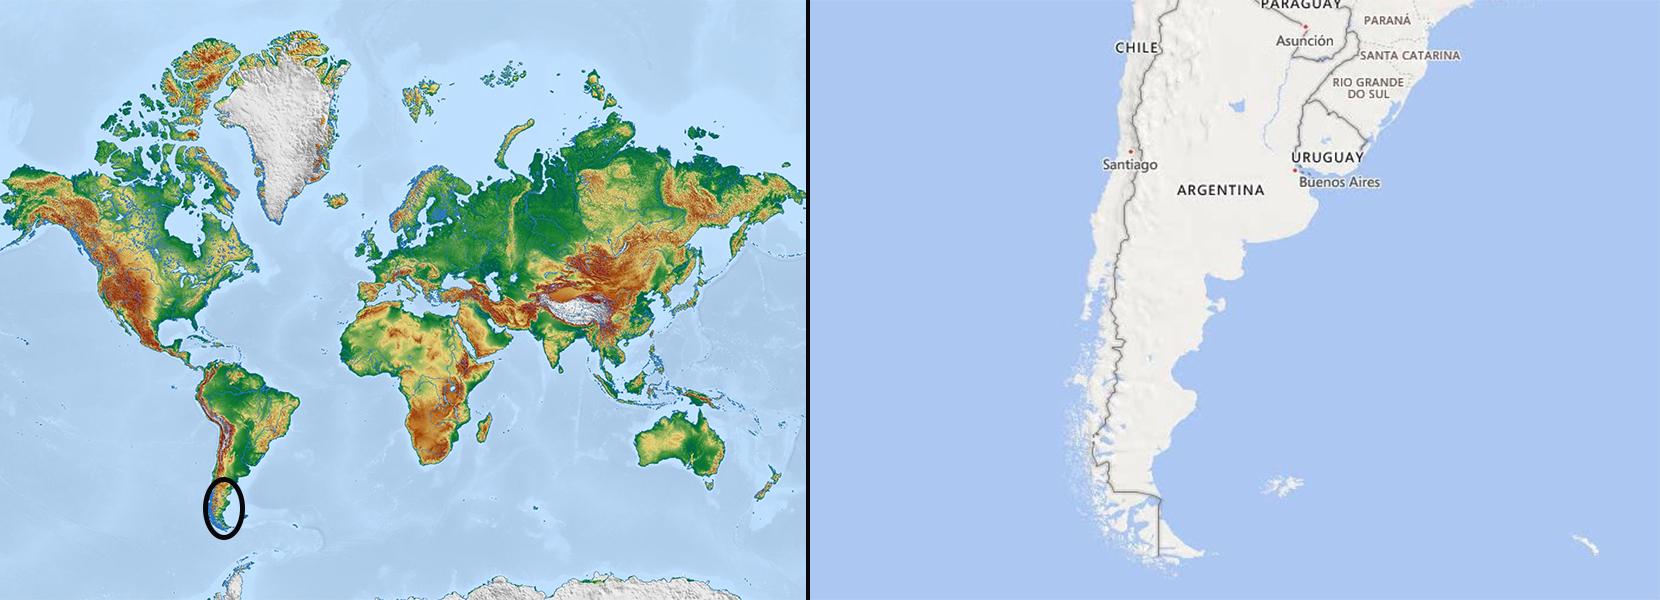 Mapa mundi+Patagonia